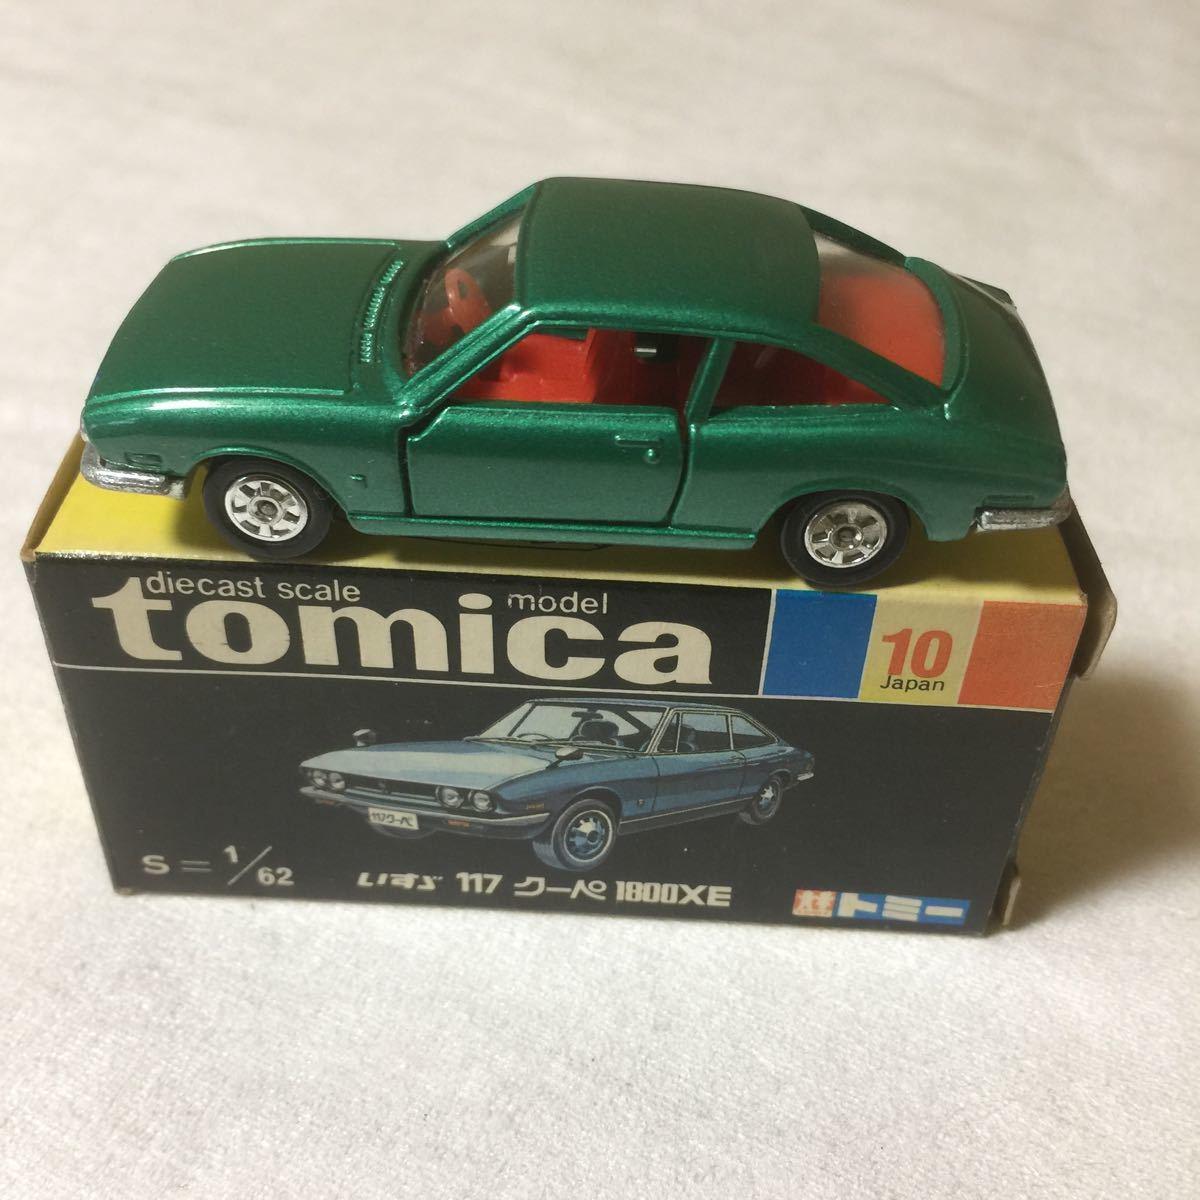 トミカ 、黒箱 、当時物、いすゞ117クーペ1800XE